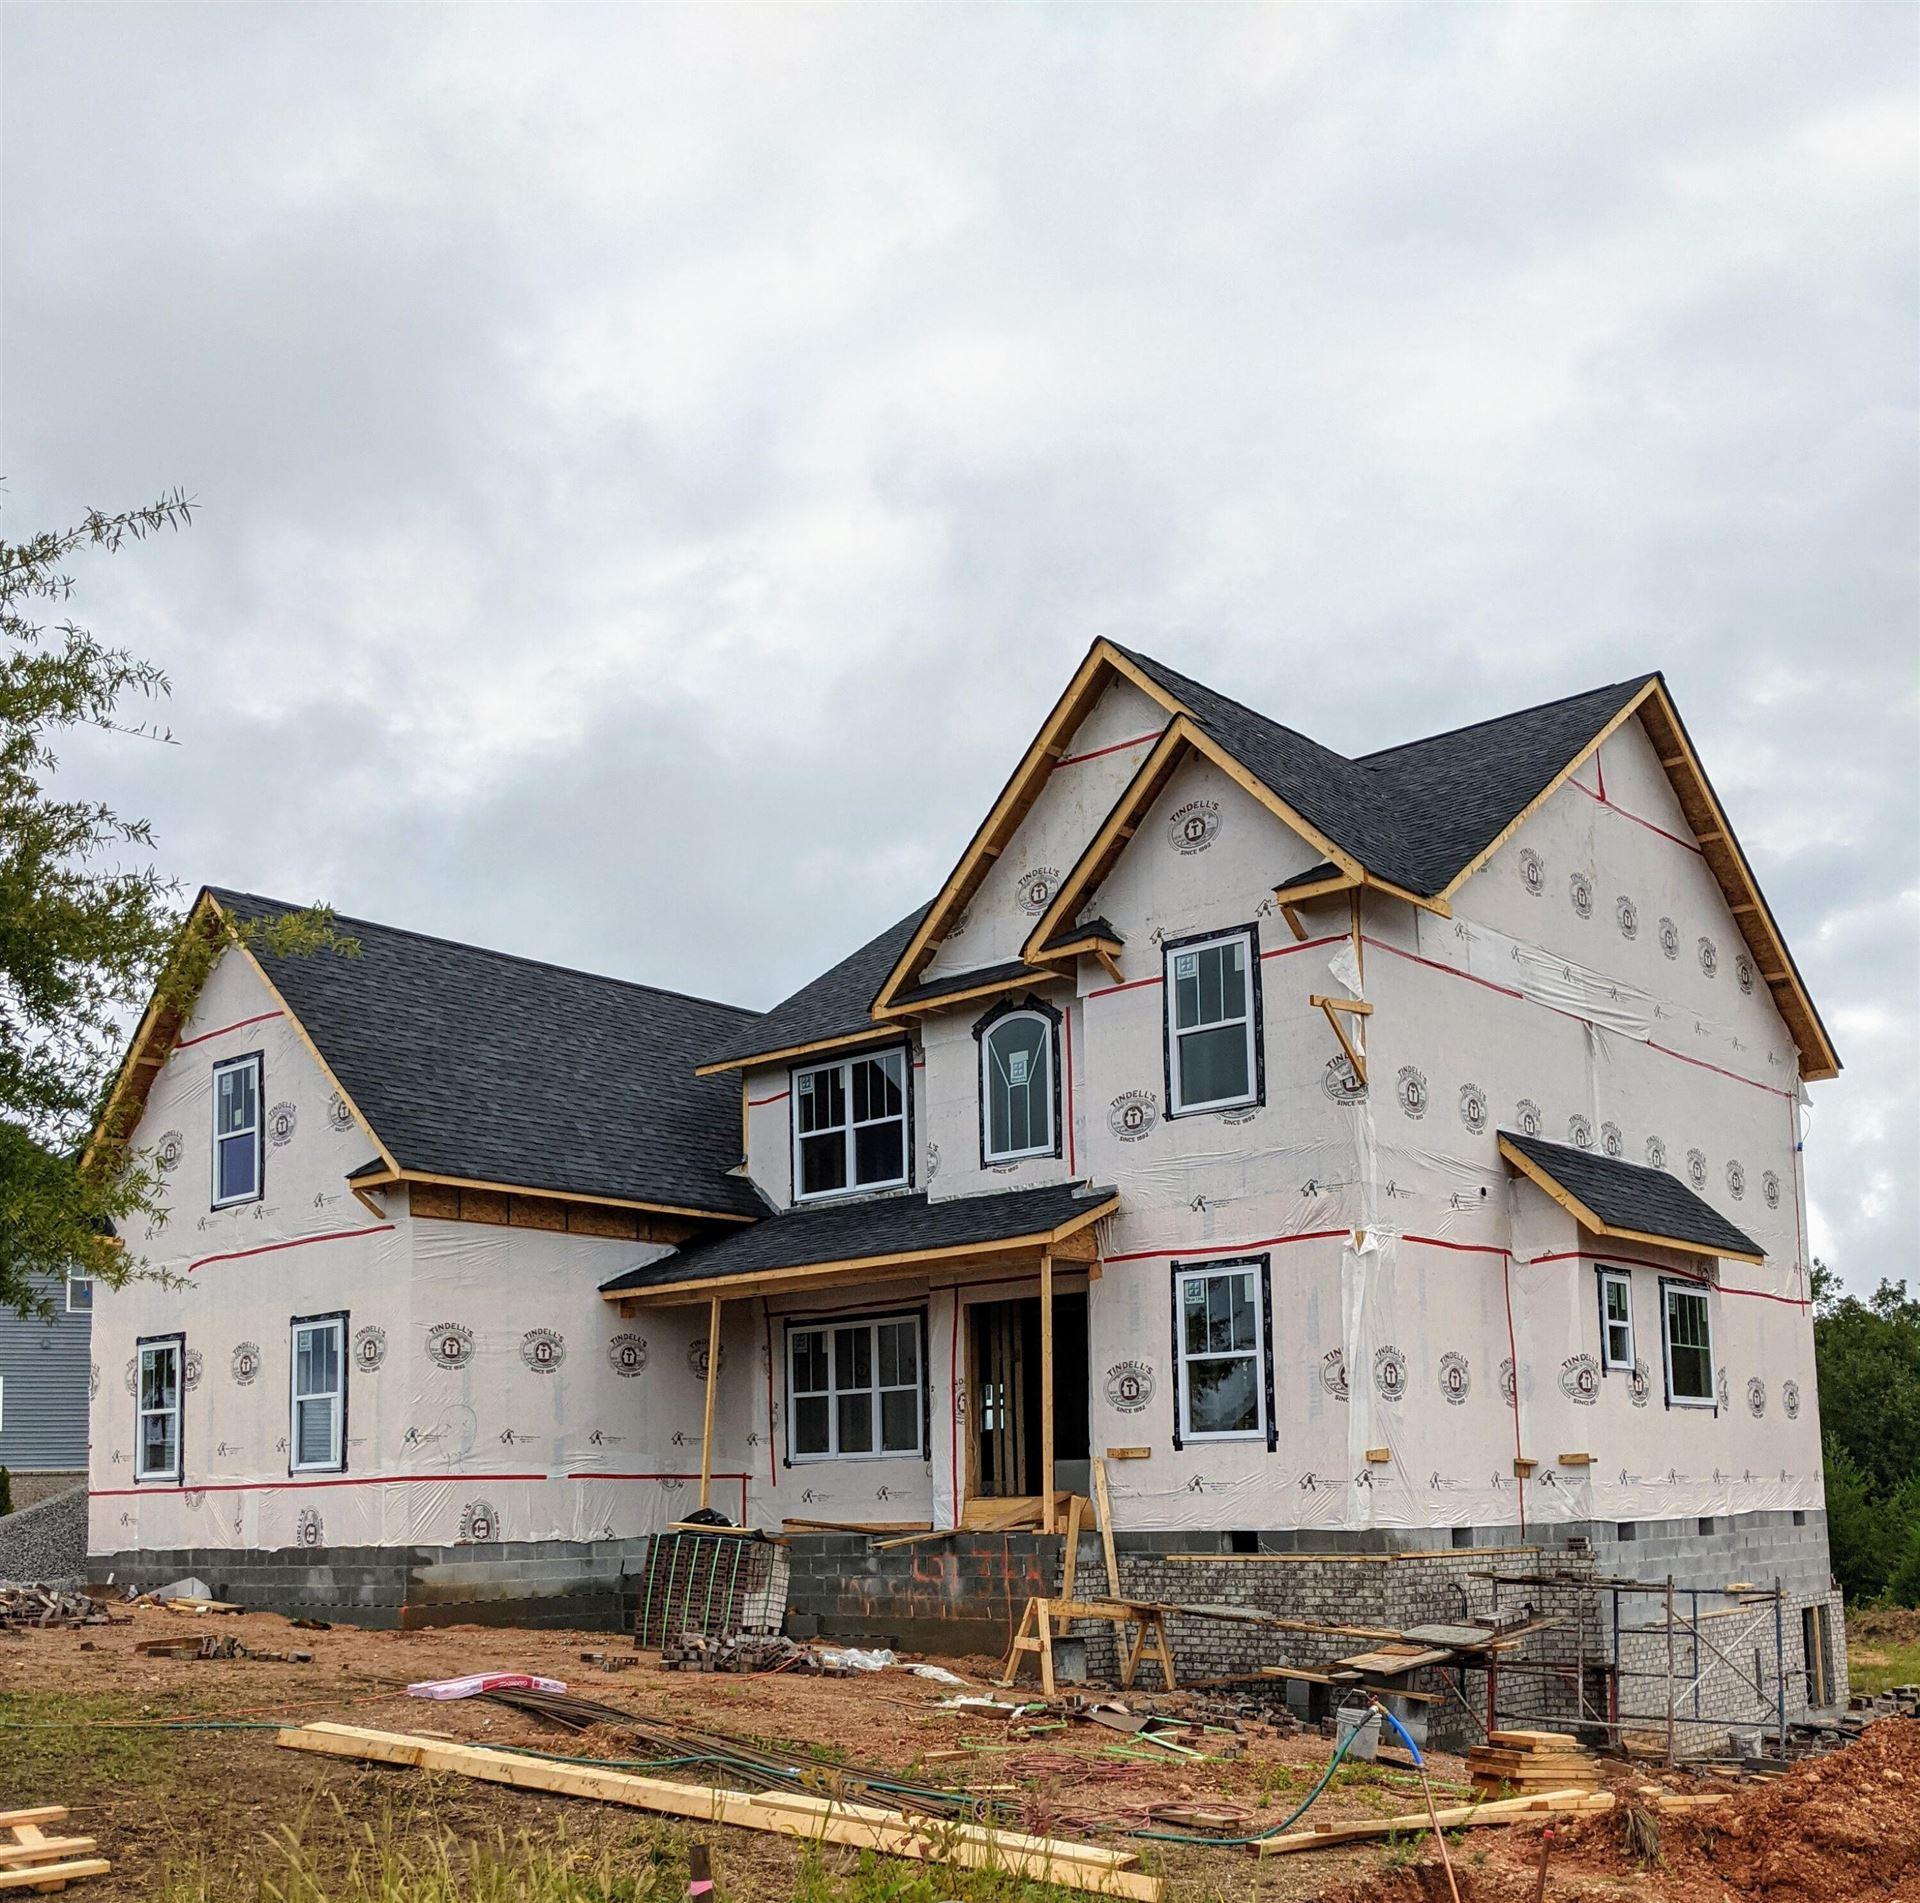 Photo of 106 Sweetberry St #Lot 388, Oak Ridge, TN 37830 (MLS # 1161559)